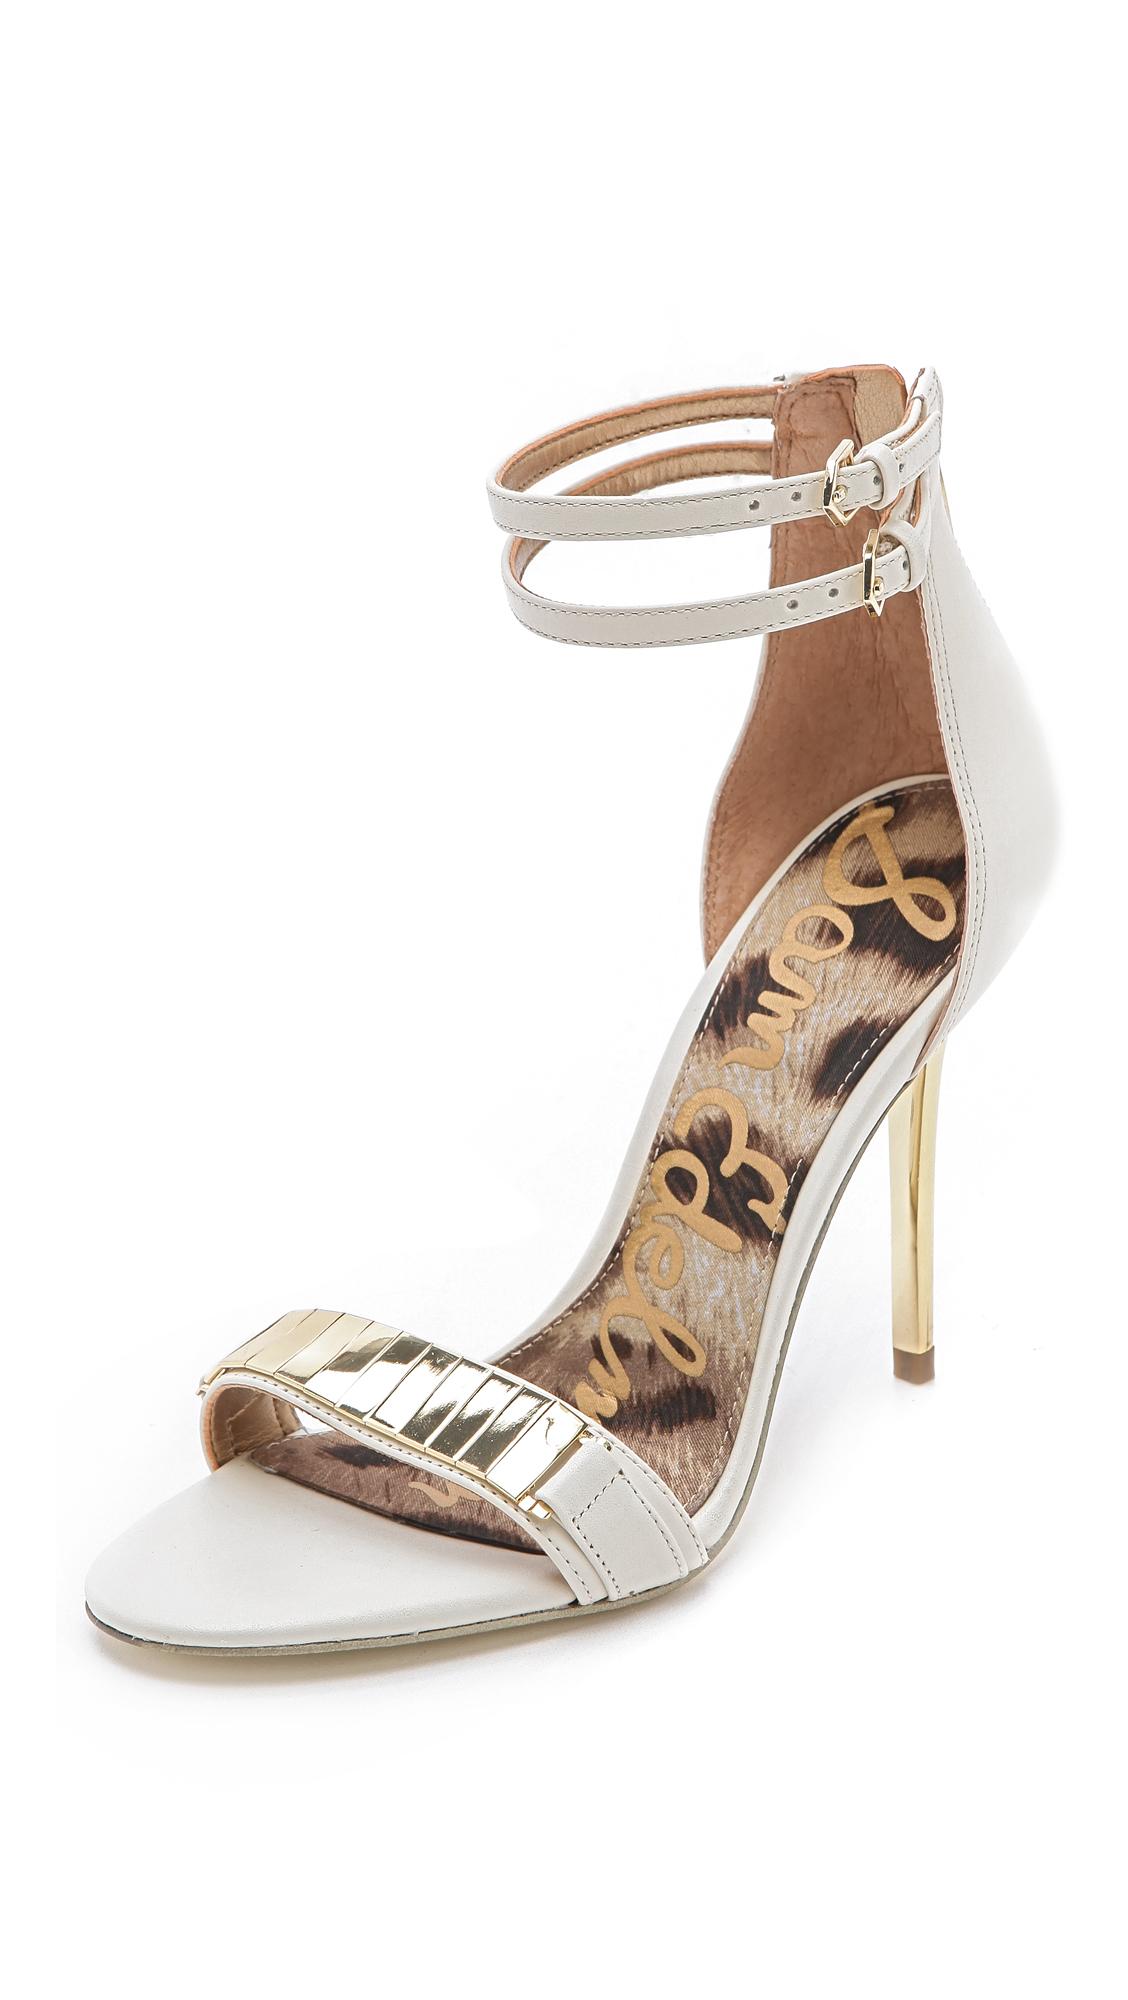 98ebe9b7c80c Sam Edelman Ankle Sandals.Lyst Sam Edelman Allie High Heel Sandals ...